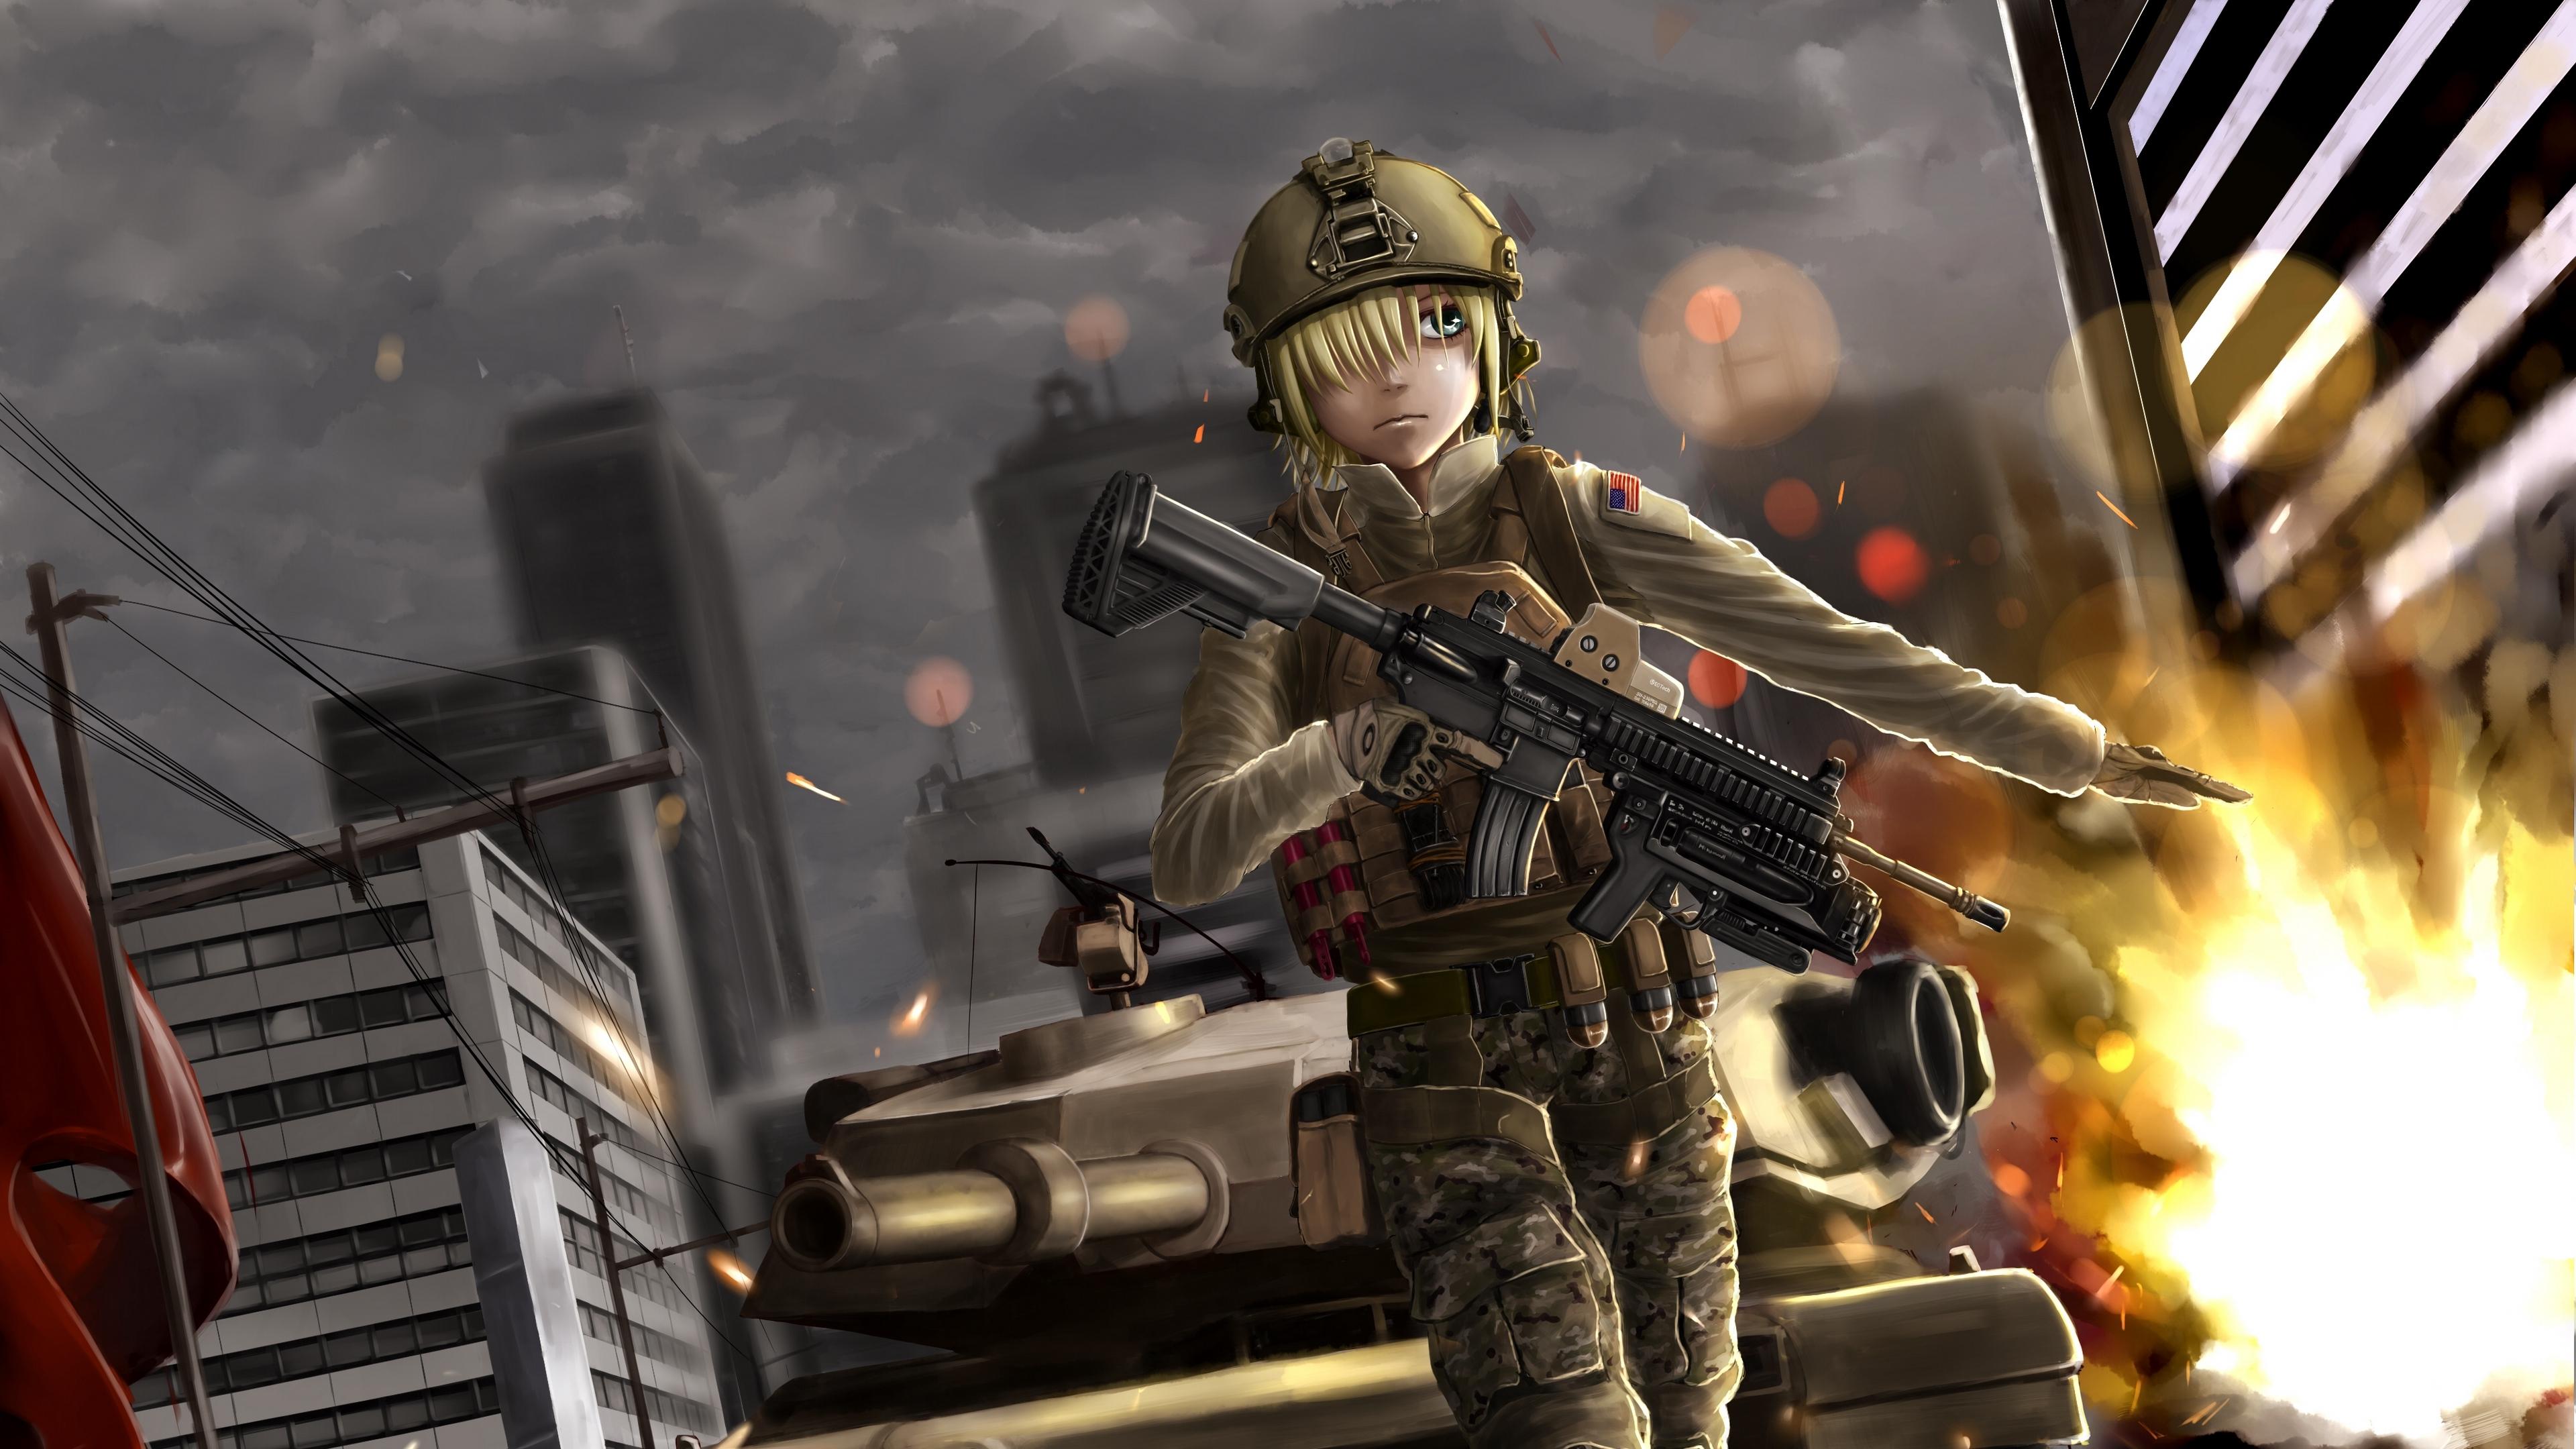 battlefield anime girl soldier 4k 1541975874 - battlefield, anime, girl, soldier 4k - Girl, battlefield, Anime